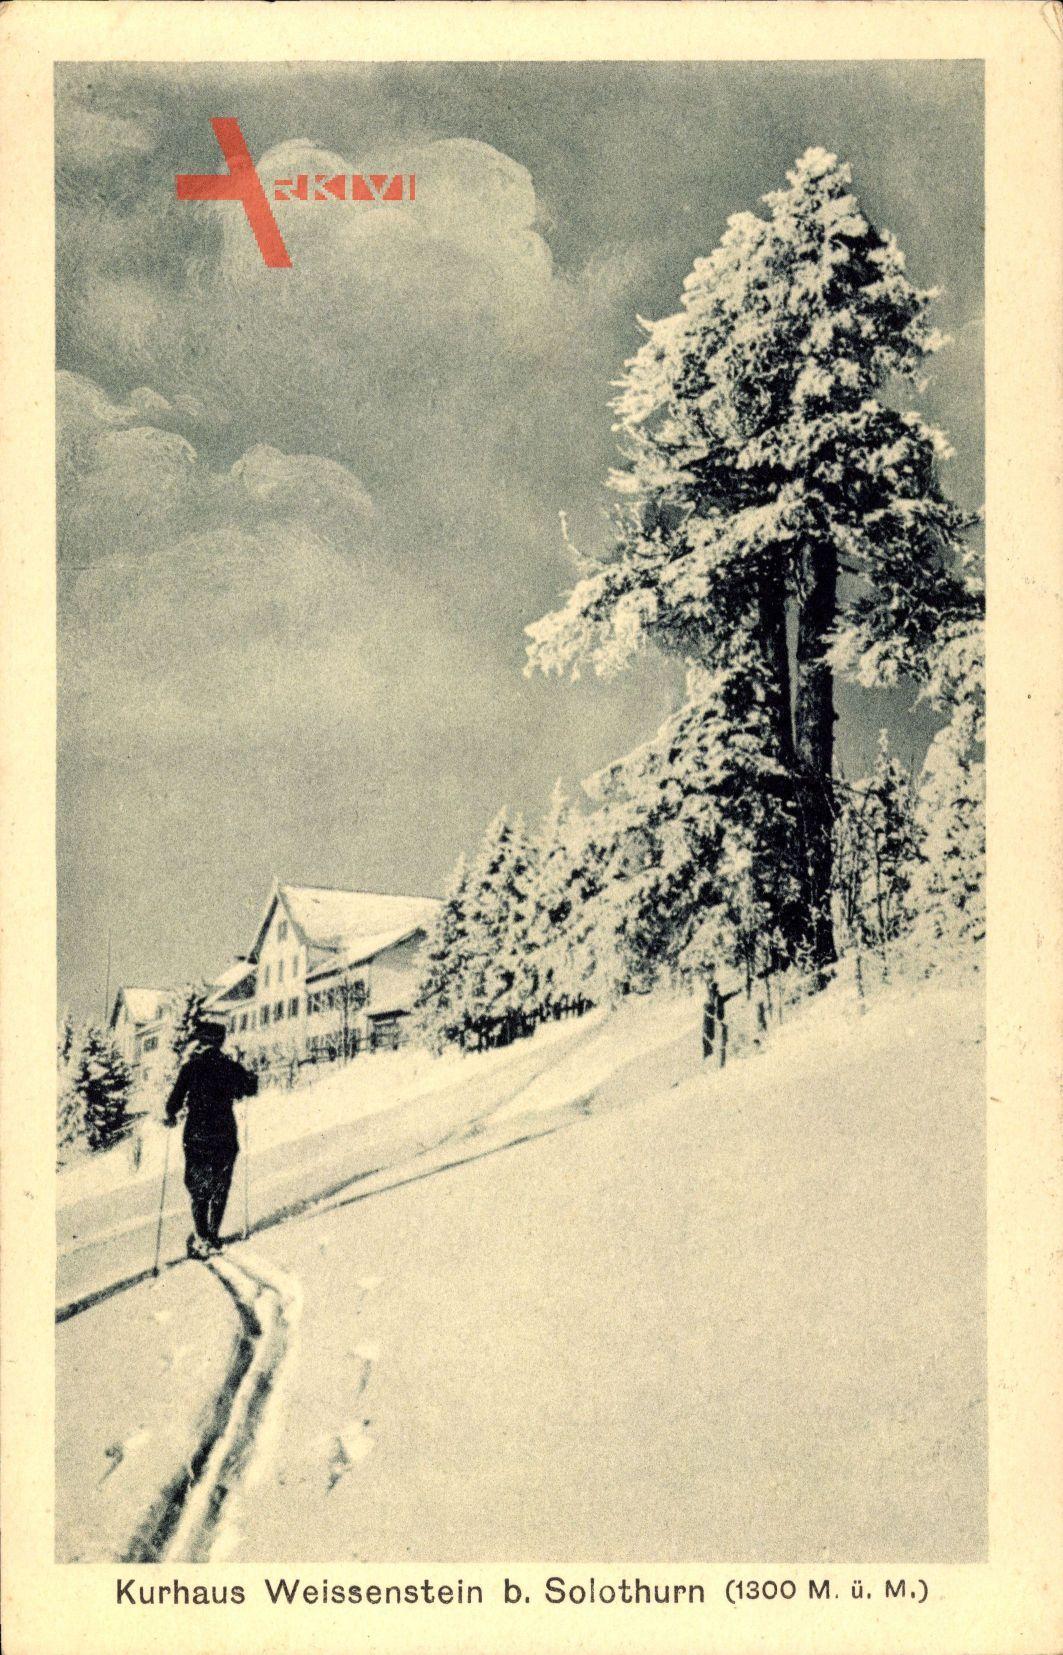 Solothurn Schweiz, Blick auf das Kurhaus Weissenstein, Schnee, Skifahrer